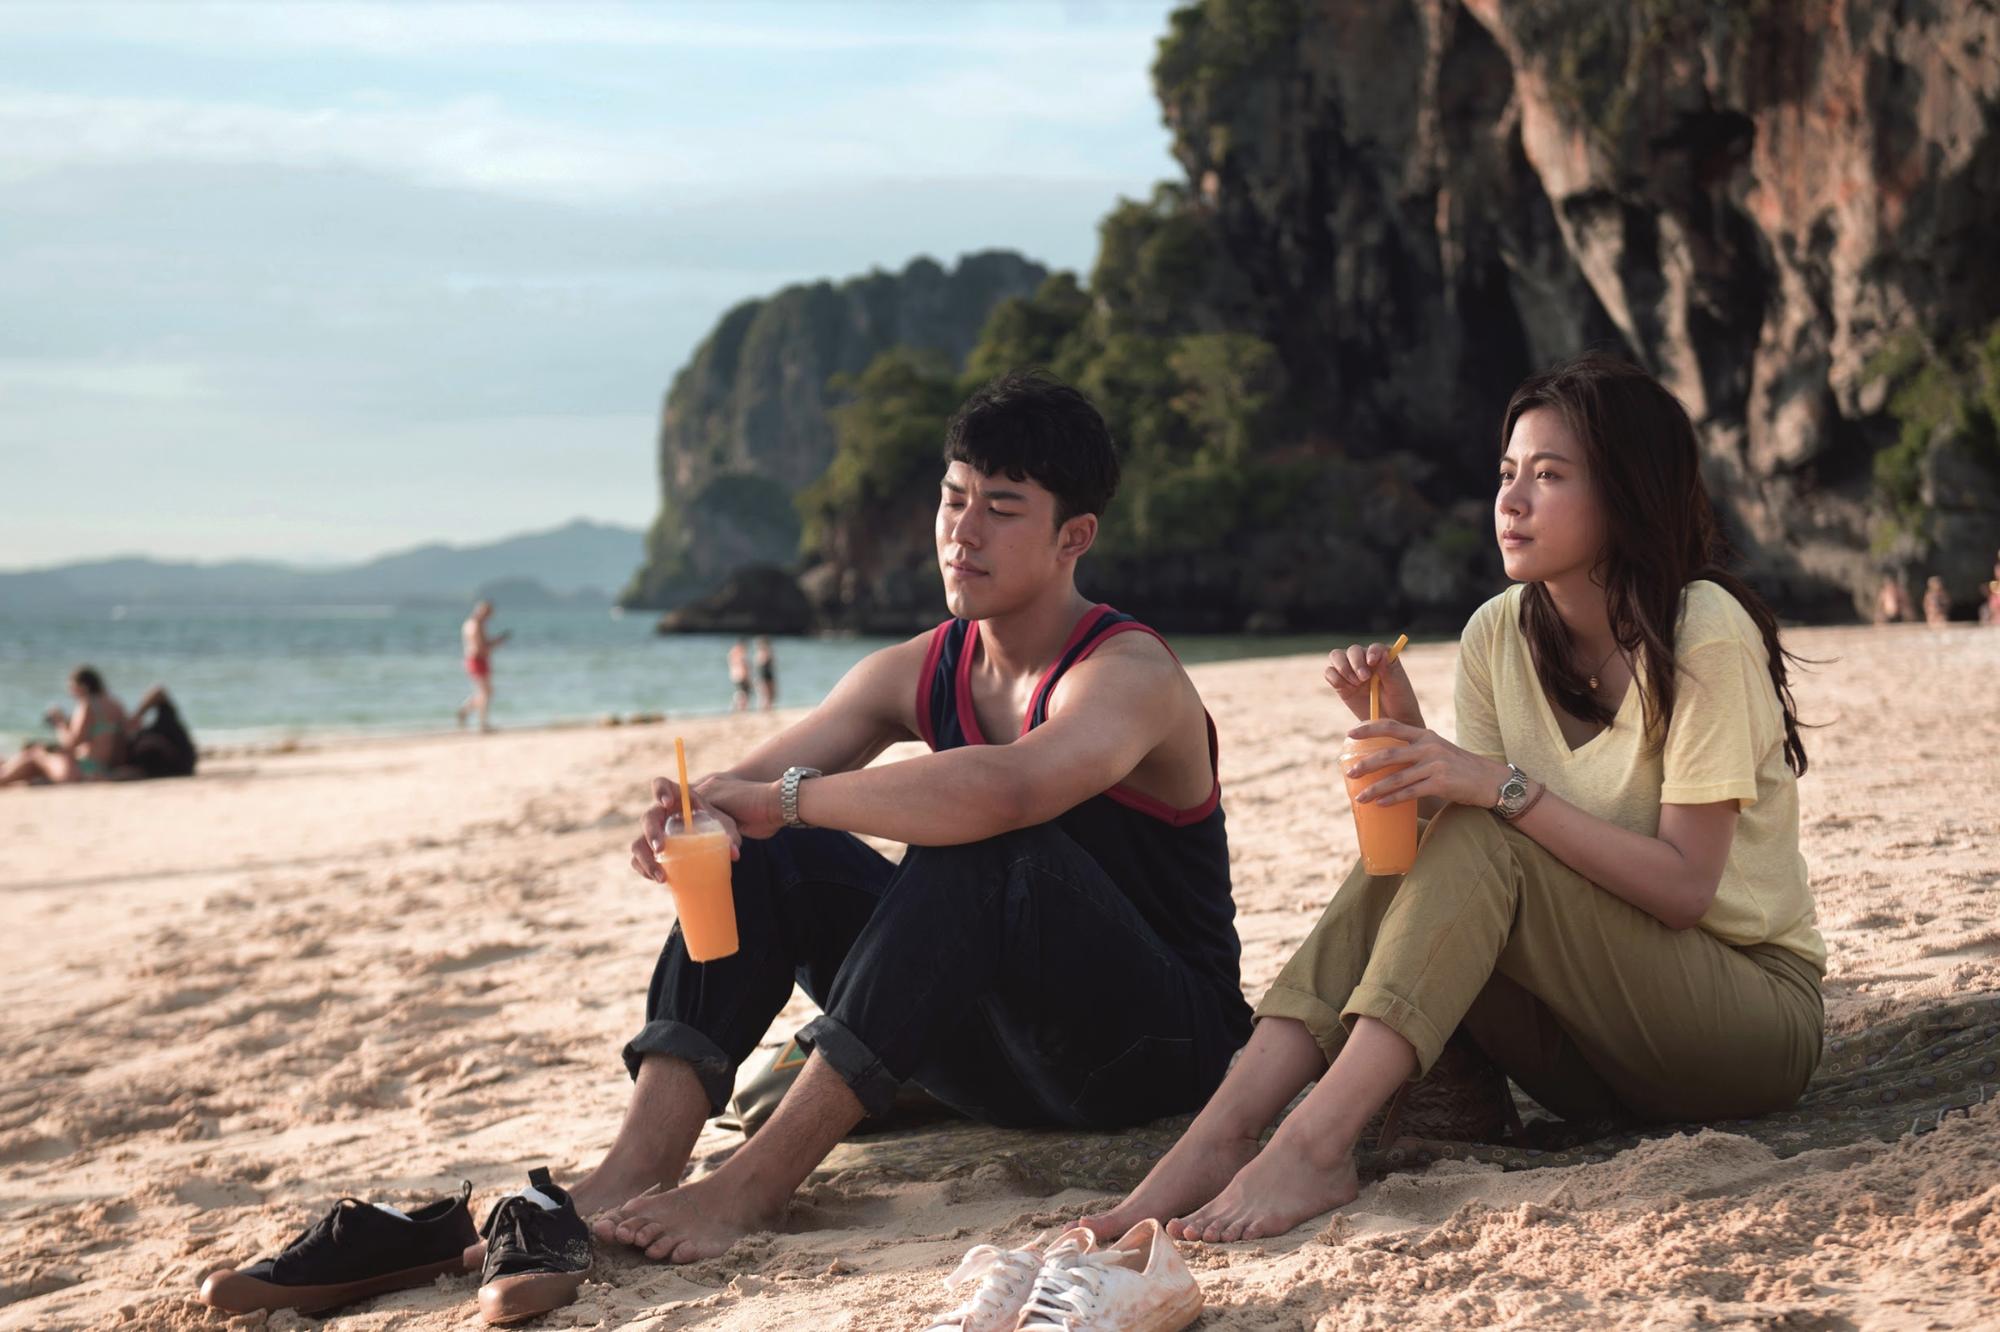 Review cực ngắn Friend Zone: Cười banh rạp từ đầu tới cuối với câu chuyện yêu nhầm bạn thân! - Ảnh 10.